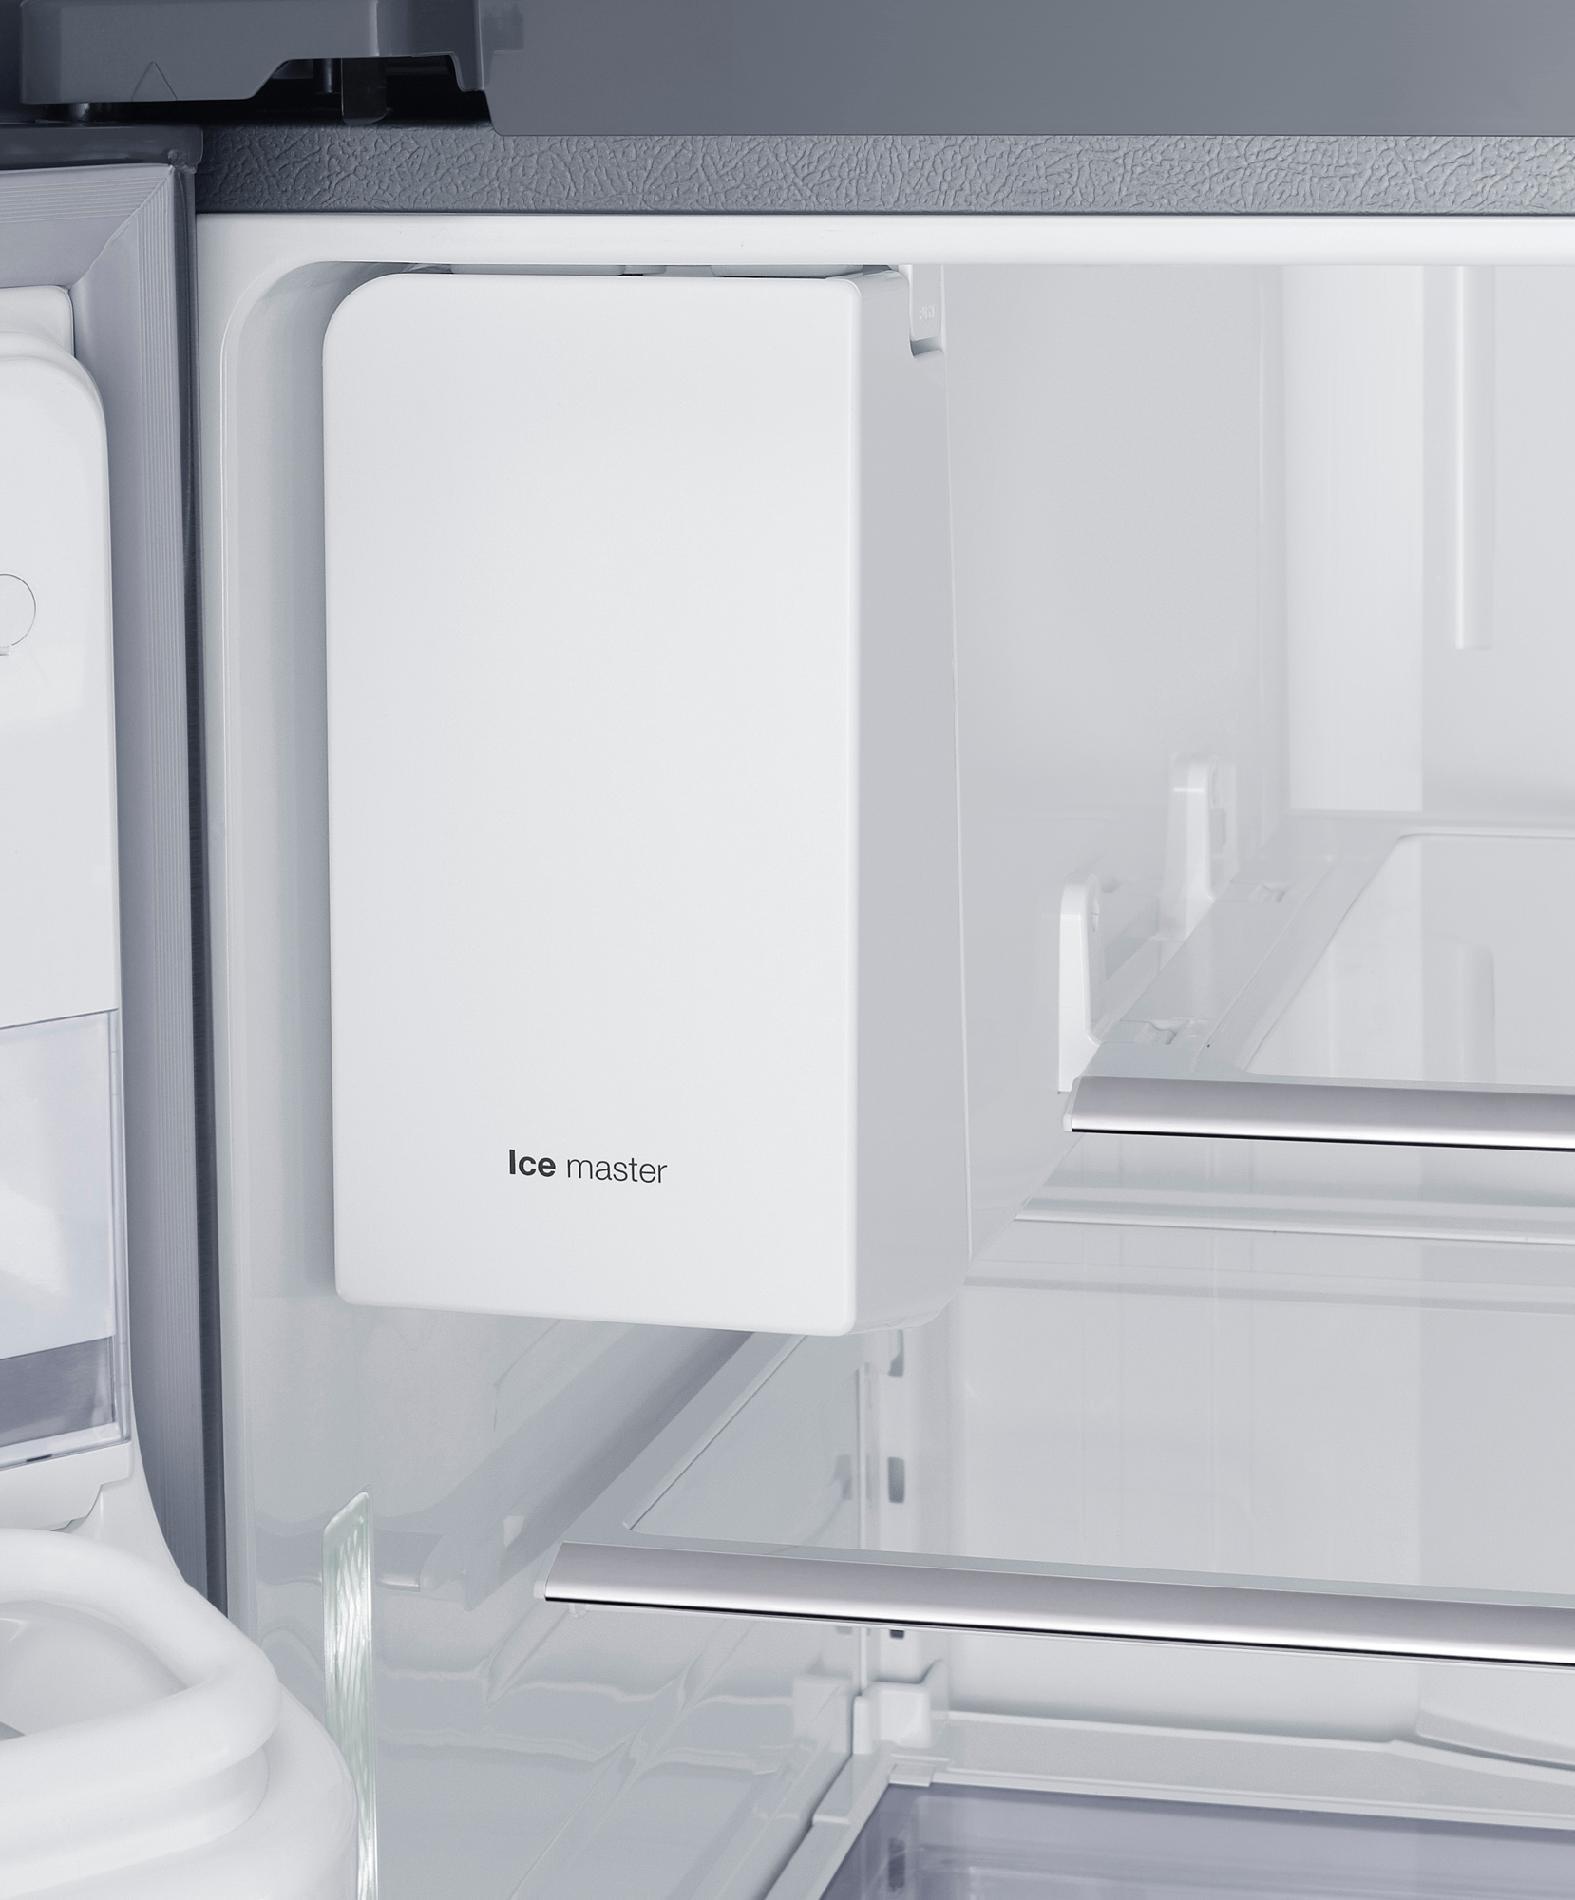 Samsung 31 cu. ft. 4-Door Refrigerator - Stainless Steel